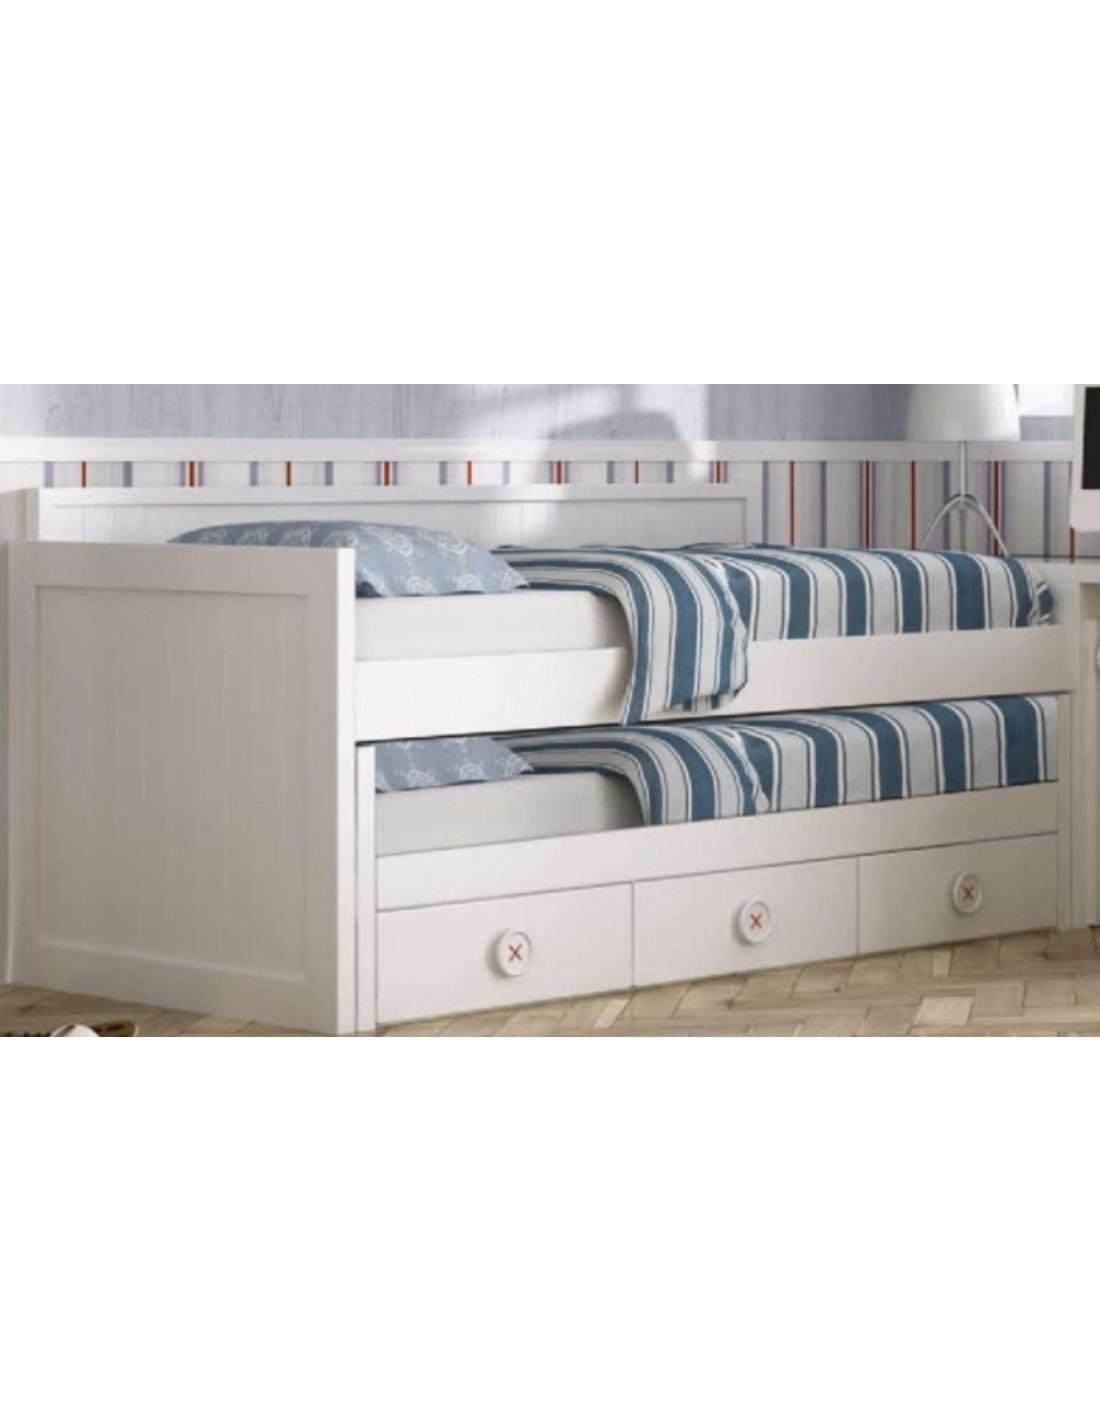 Cama compacta blanca con cajones muebles noel - Camas con cajones ...